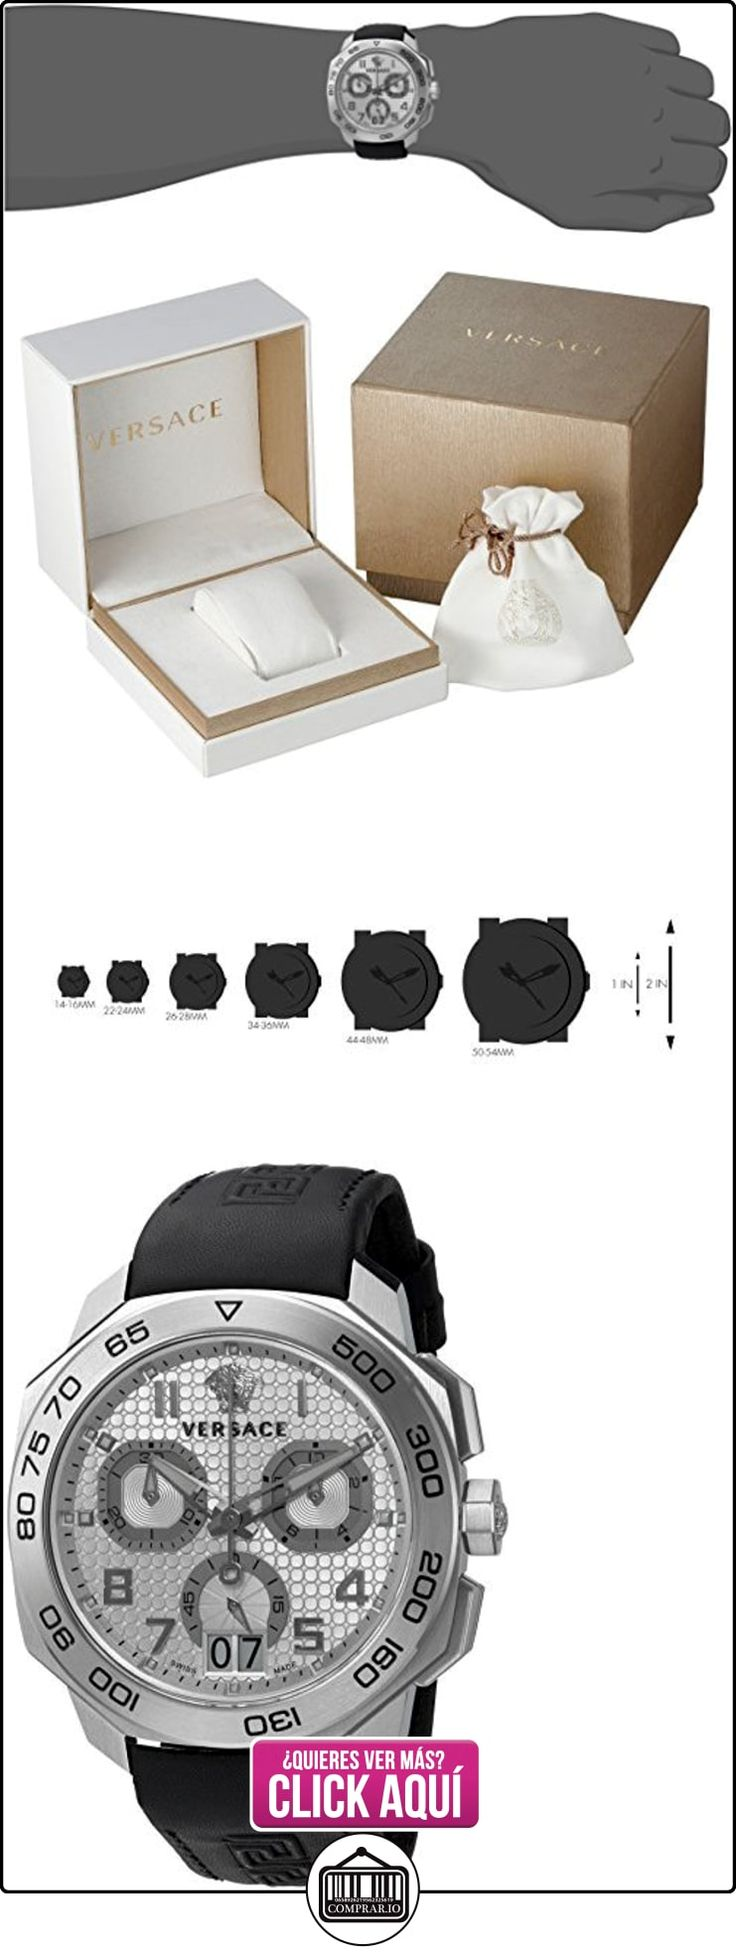 Versace-Dylos Chrono Reloj de vqco70015  ✿ Relojes para hombre - (Lujo) ✿ ▬► Ver oferta: http://comprar.io/goto/B01A55HB4W